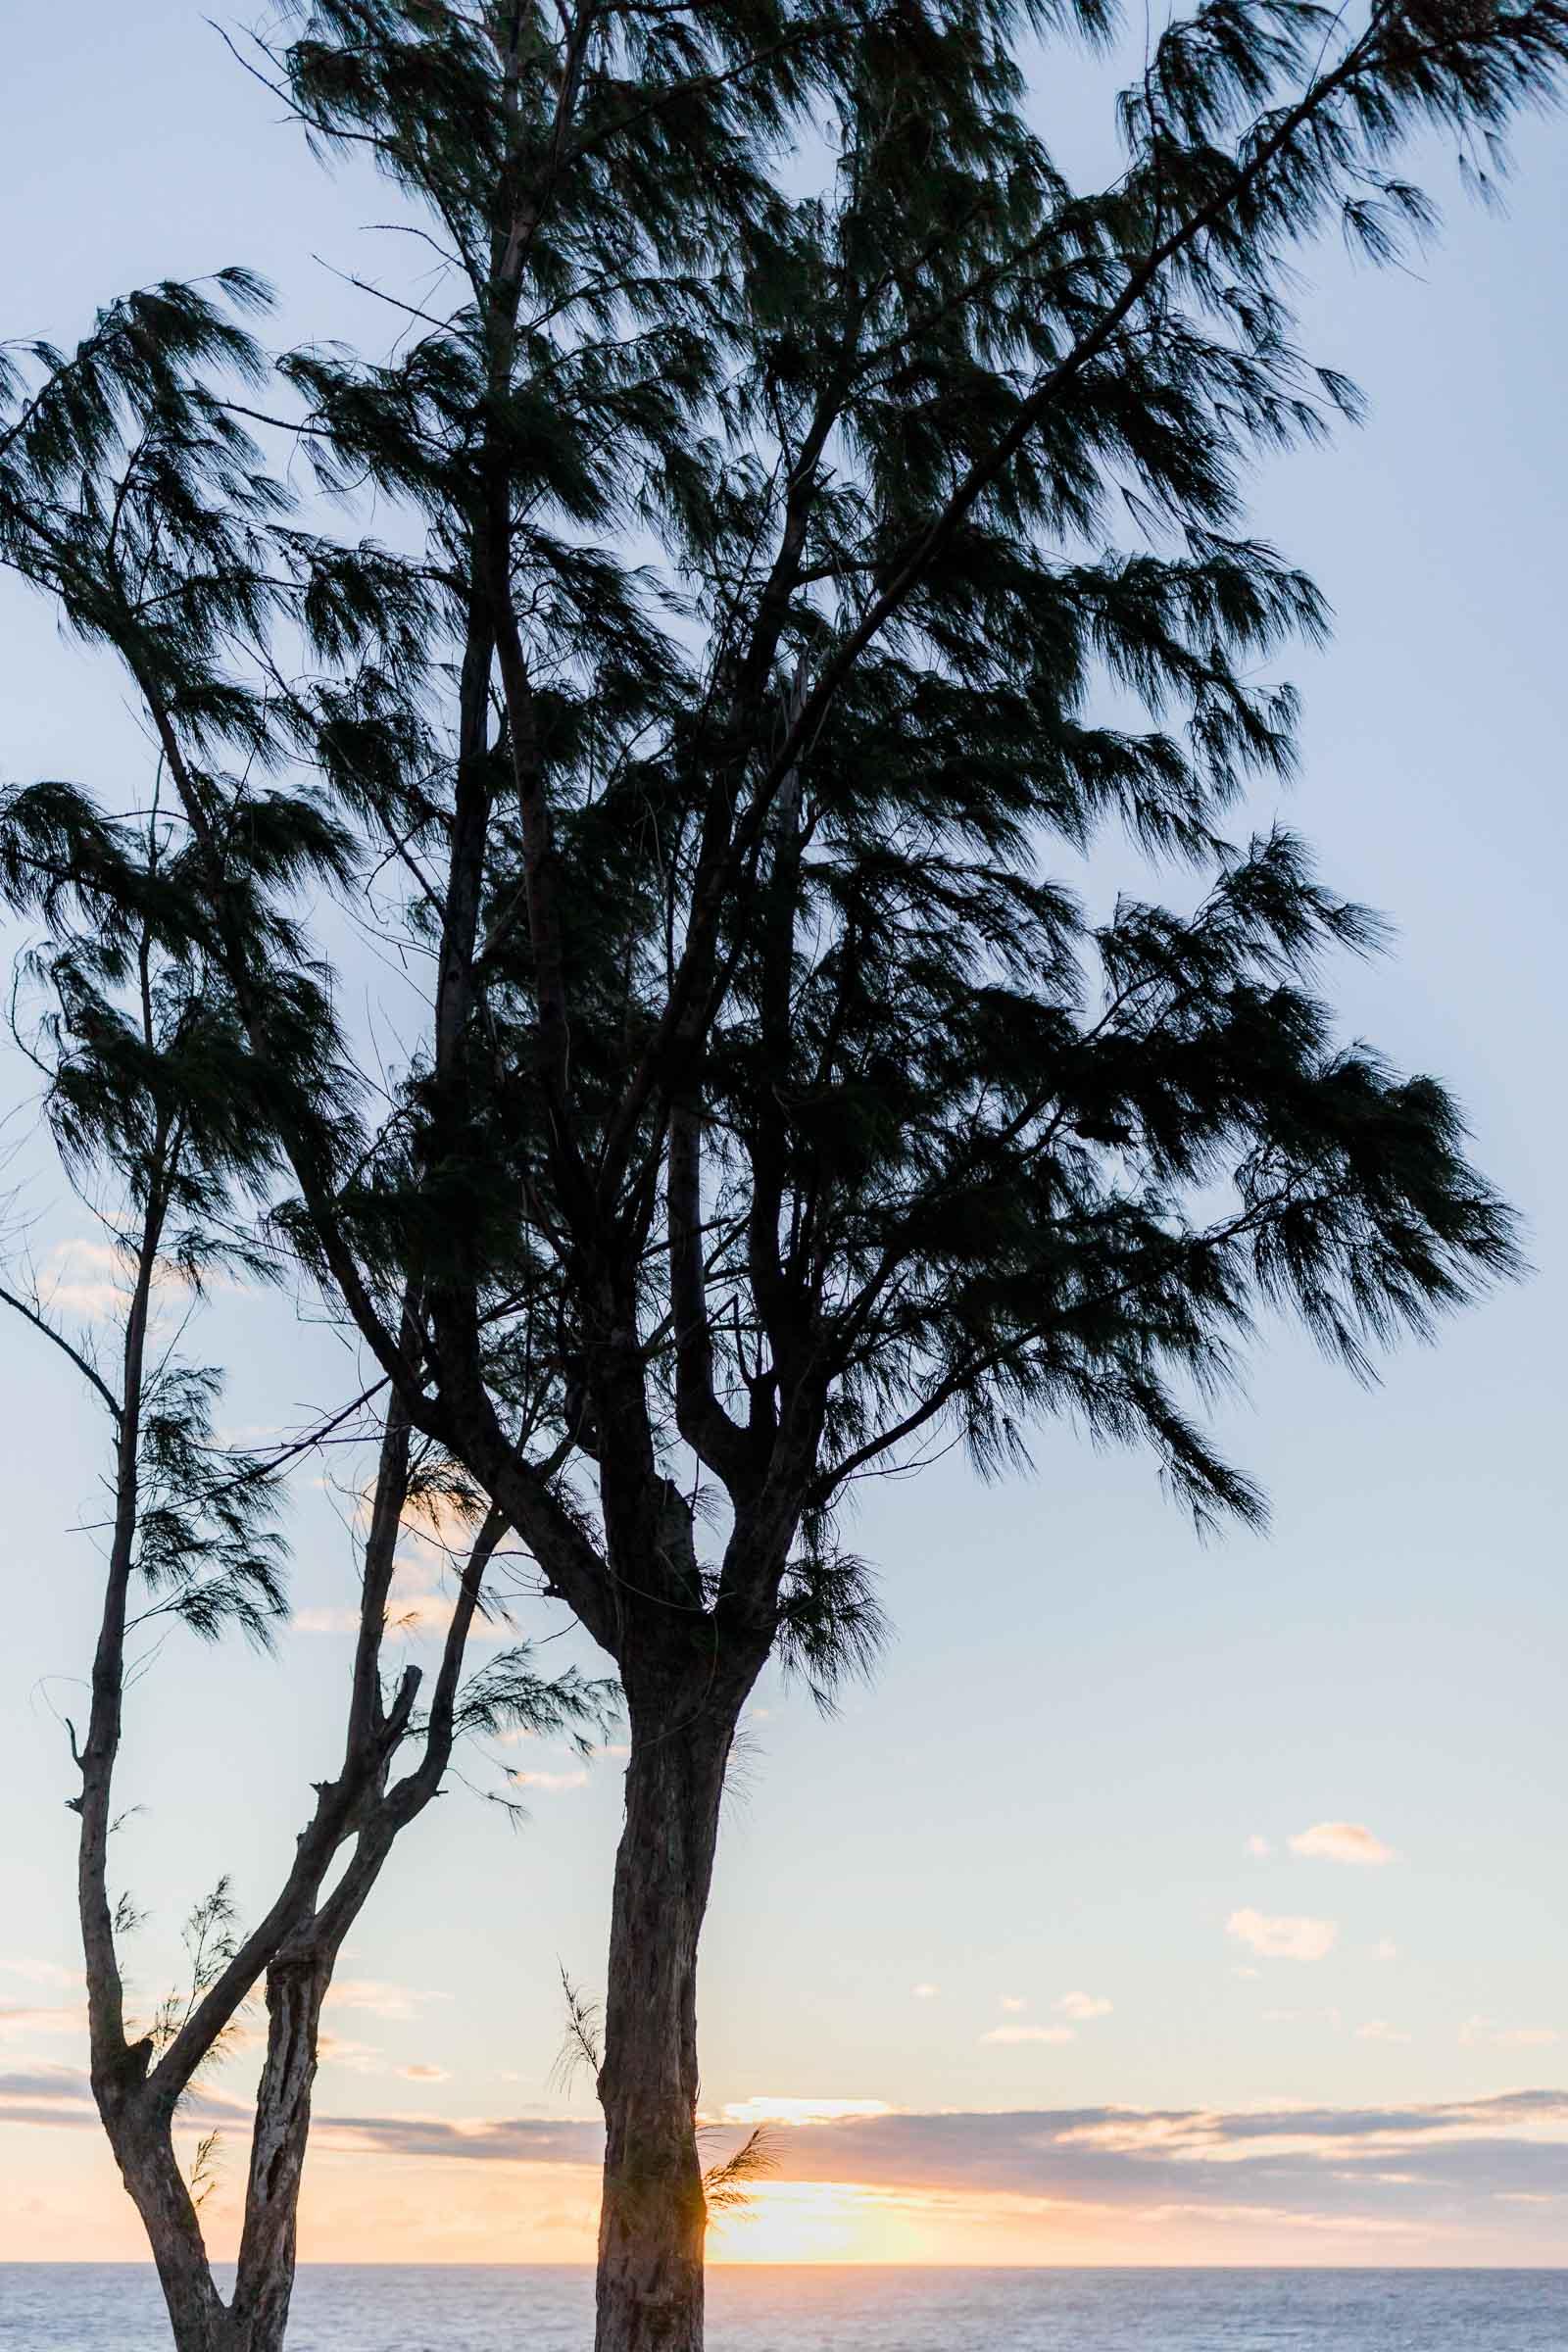 Photographie de Mathieu Dété, photographe de mariage et famille à Saint-Gilles sur l'île de la Réunion 974, présentant un arbre au coucher de soleil en bord de mer à la Pointe au Sel